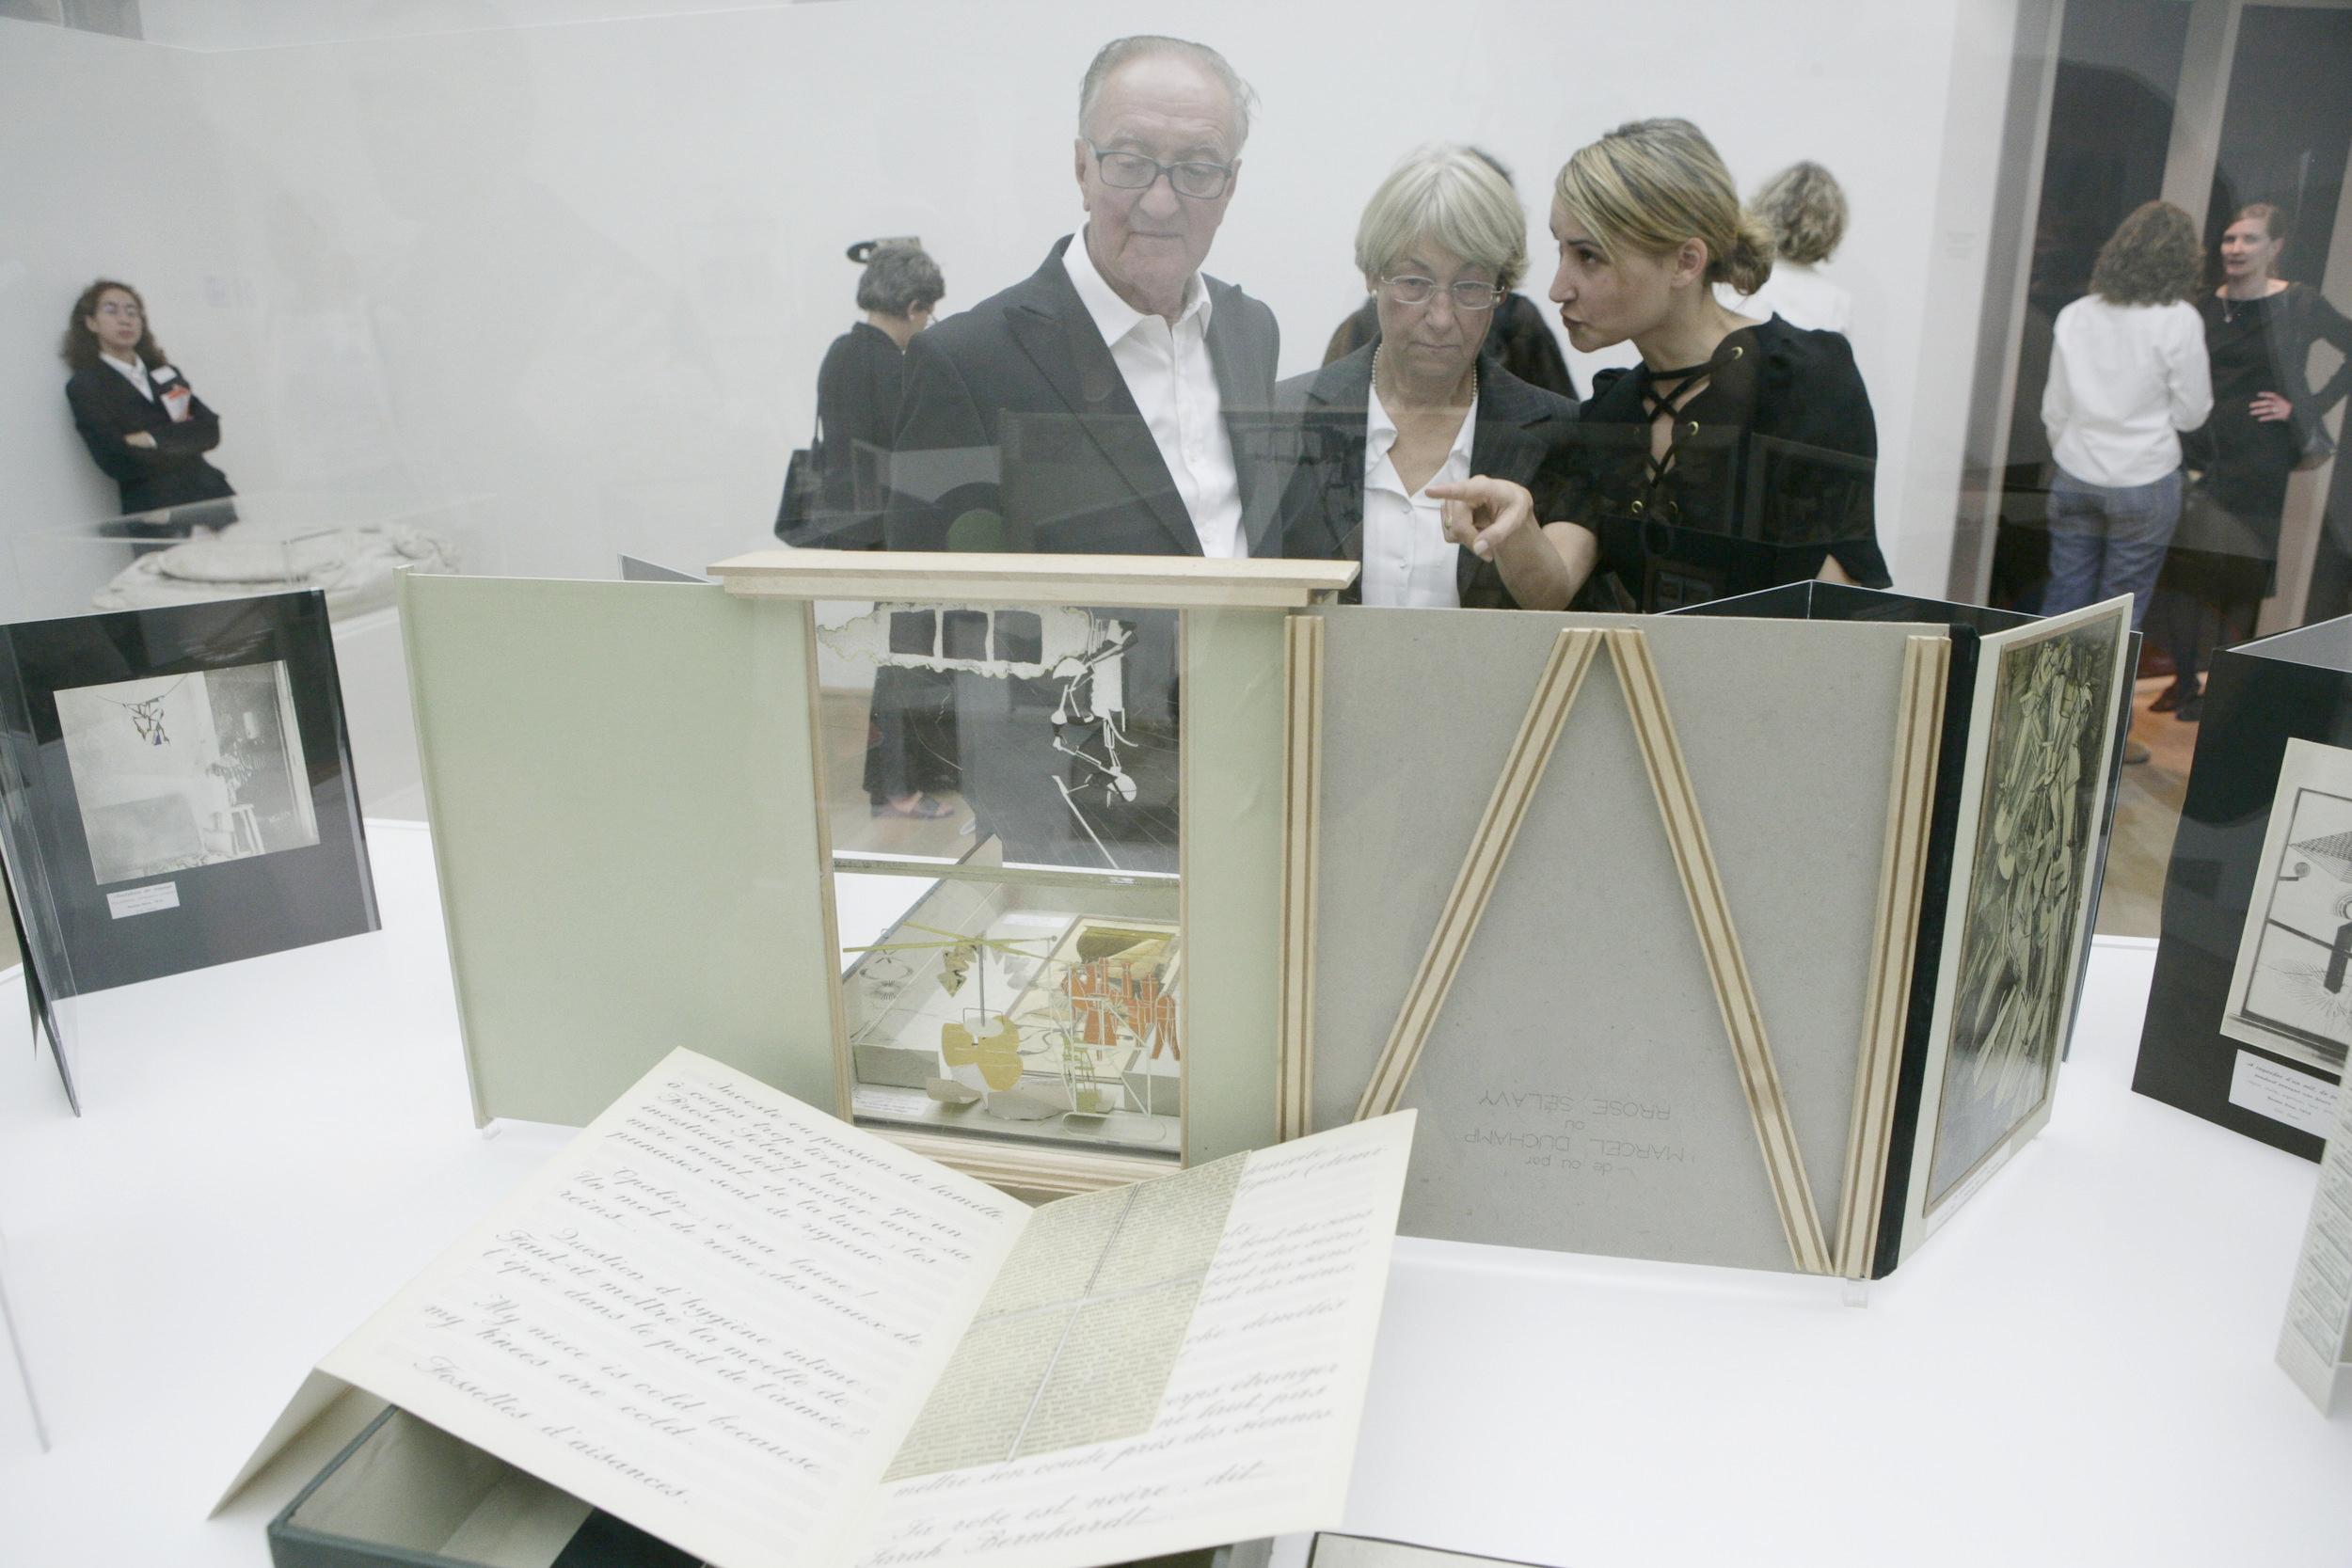 Tina_Museum_OldLife_Duchamp, mum _ dad.jpg